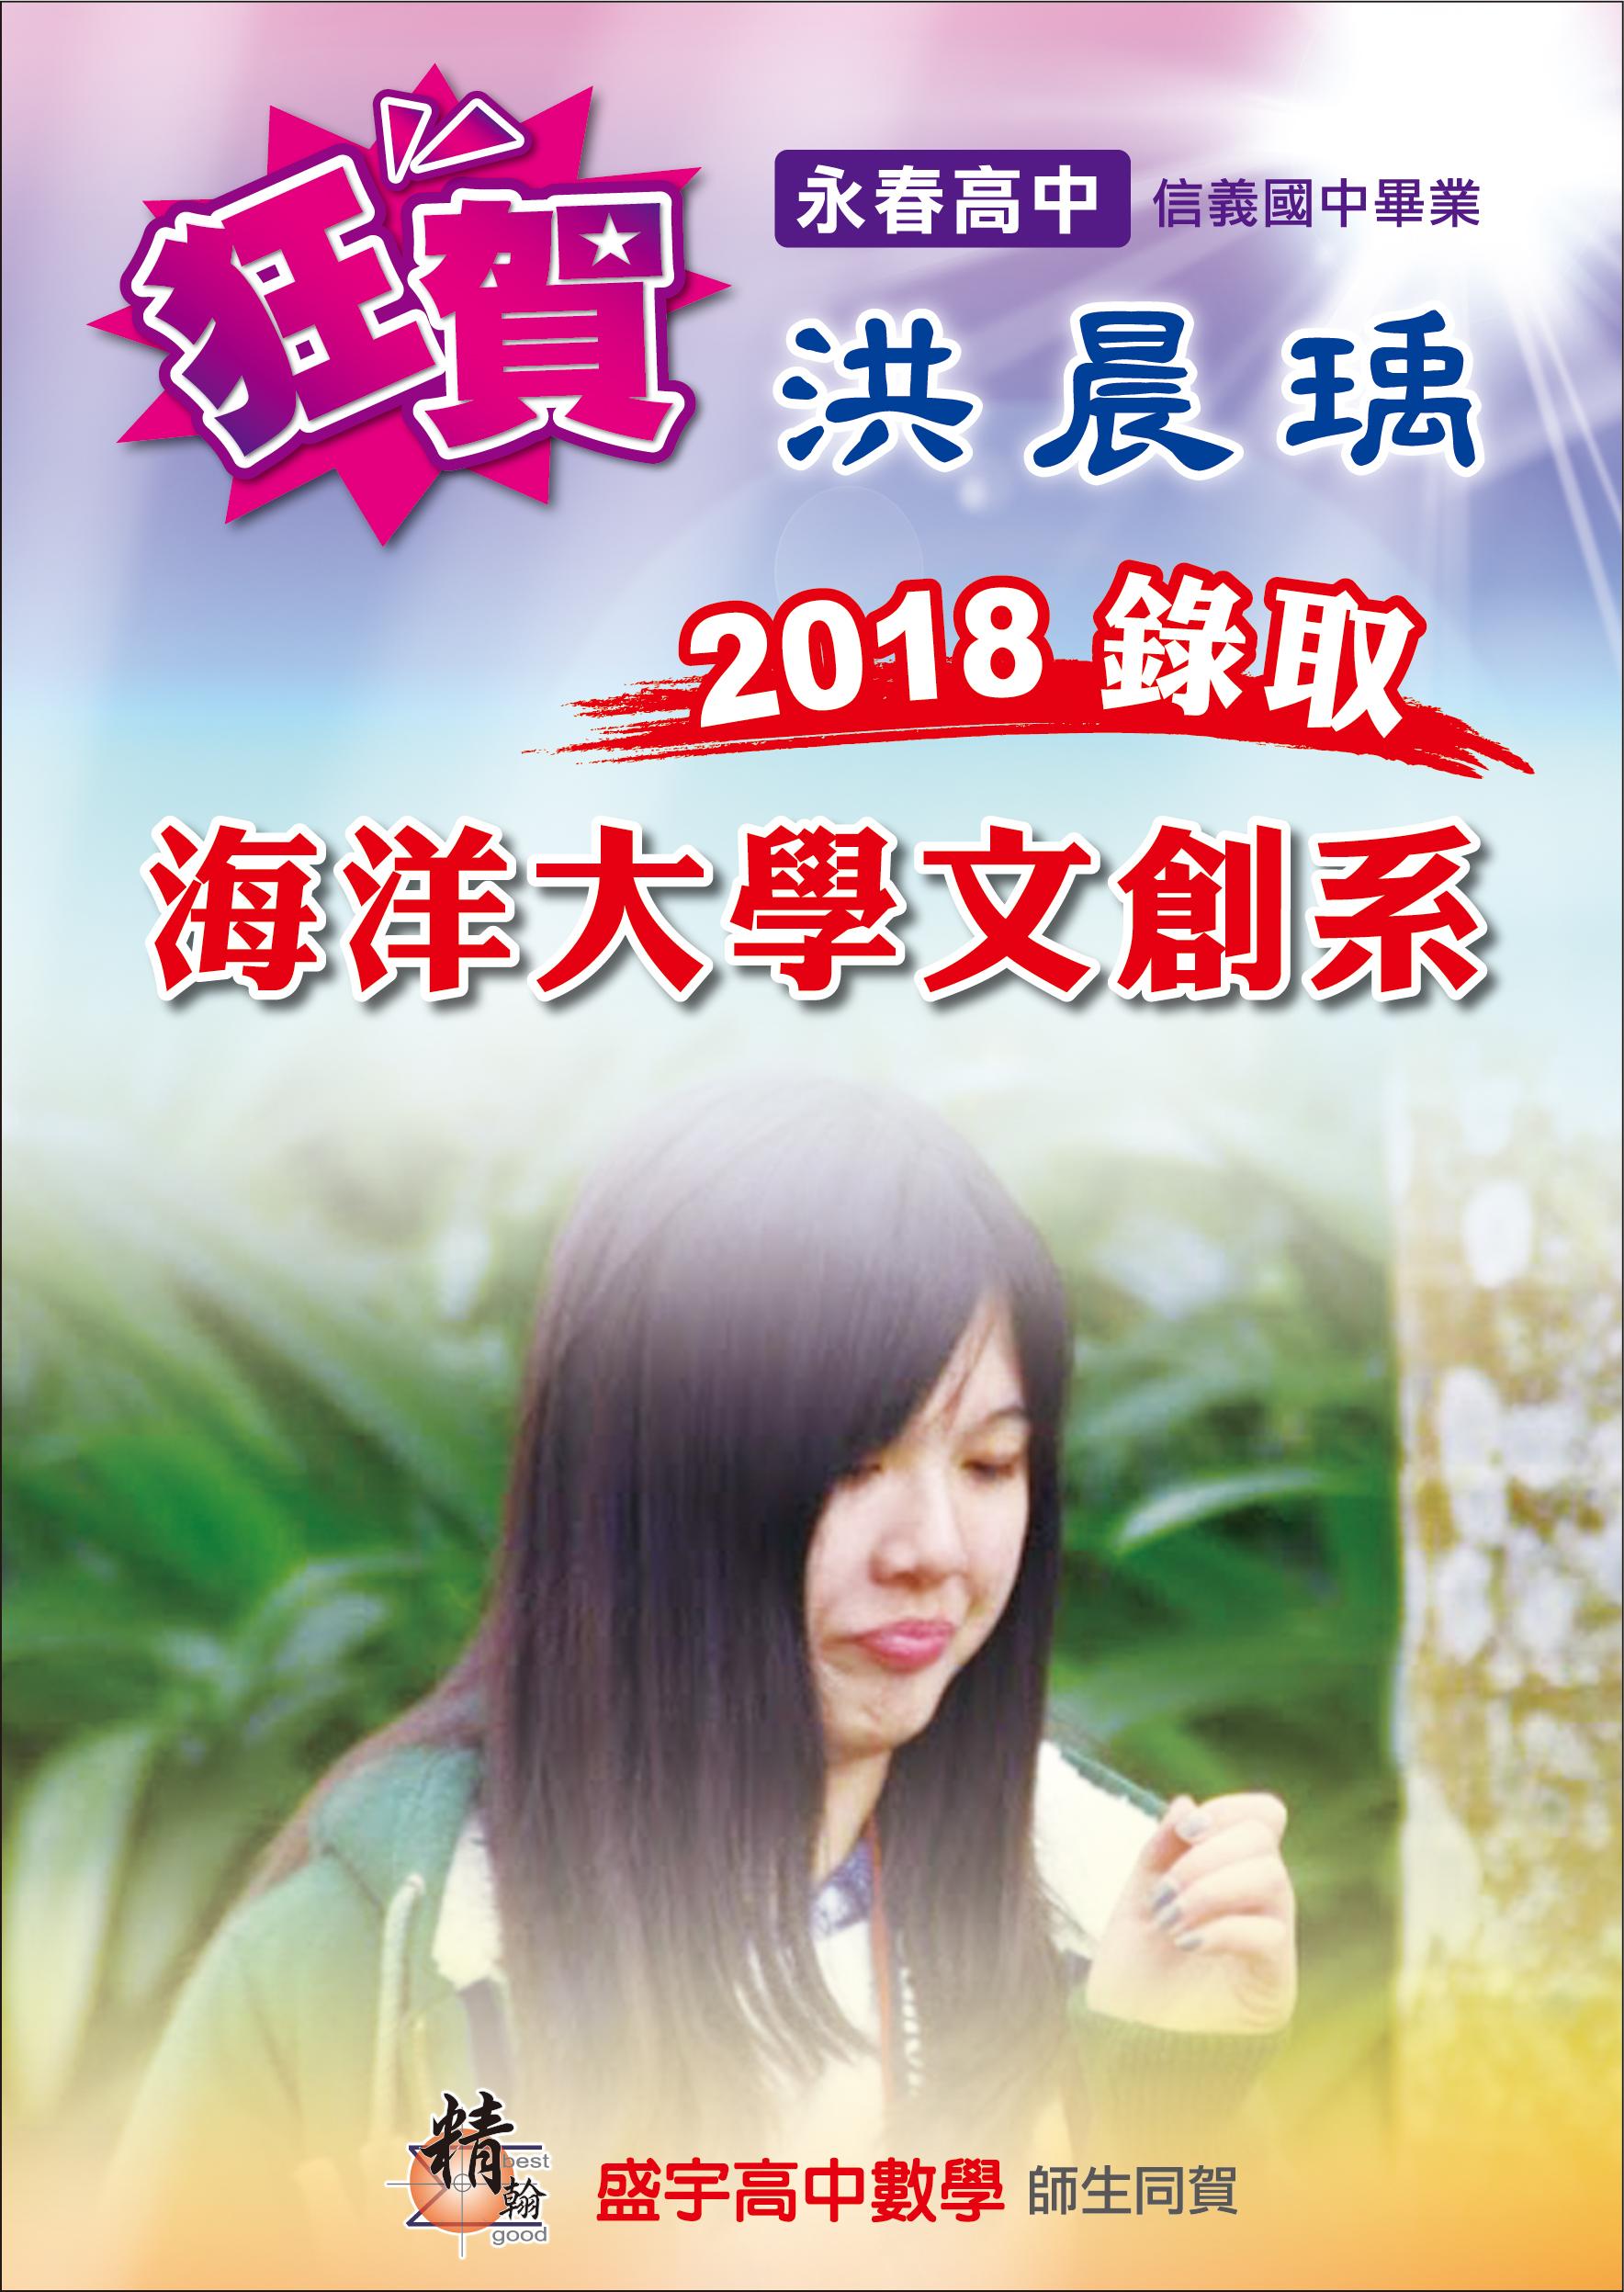 台北補習班 (1).jpg